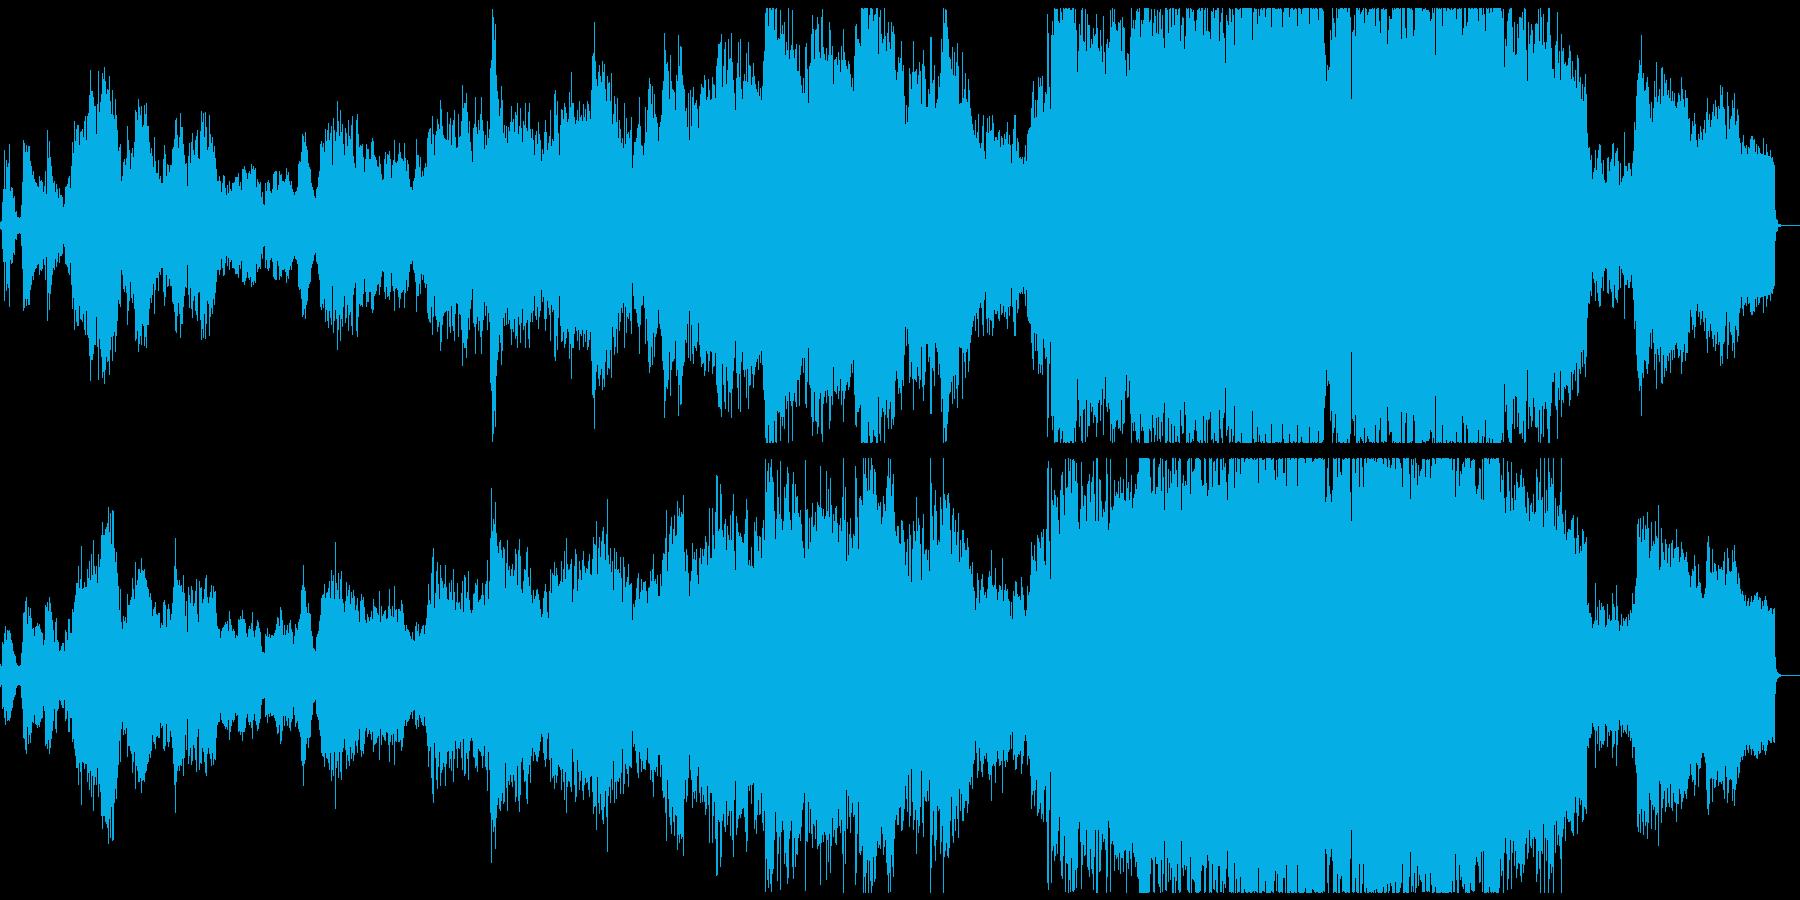 壮大なオーケストラのアメイジンググレイスの再生済みの波形